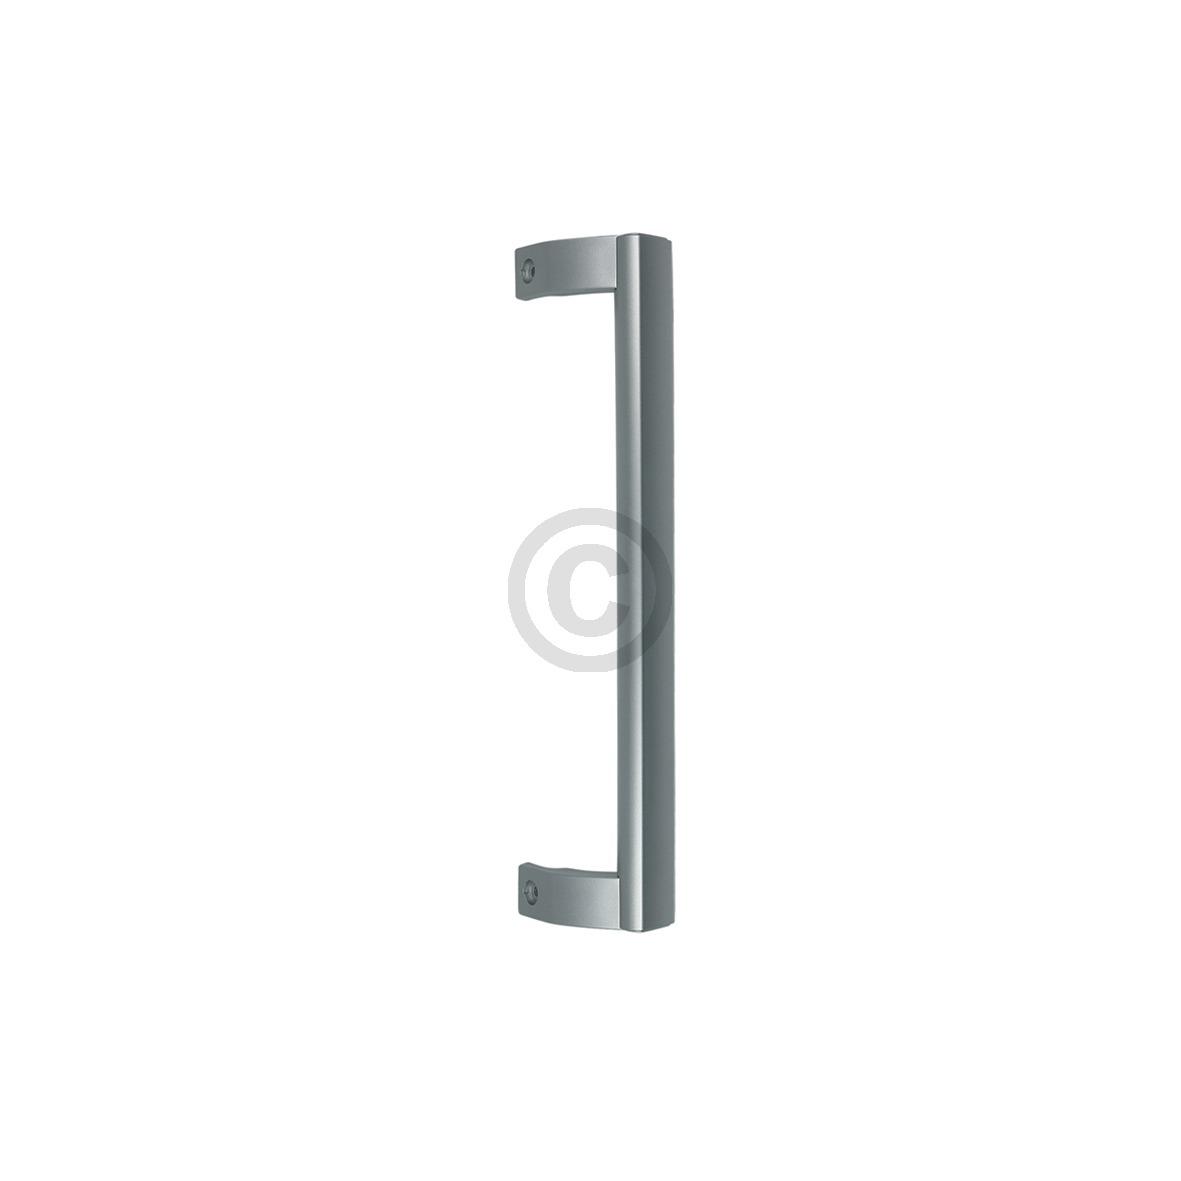 Türgriff Bosch 00669719 silber Stangenform für Kühl-Gefrierkombination